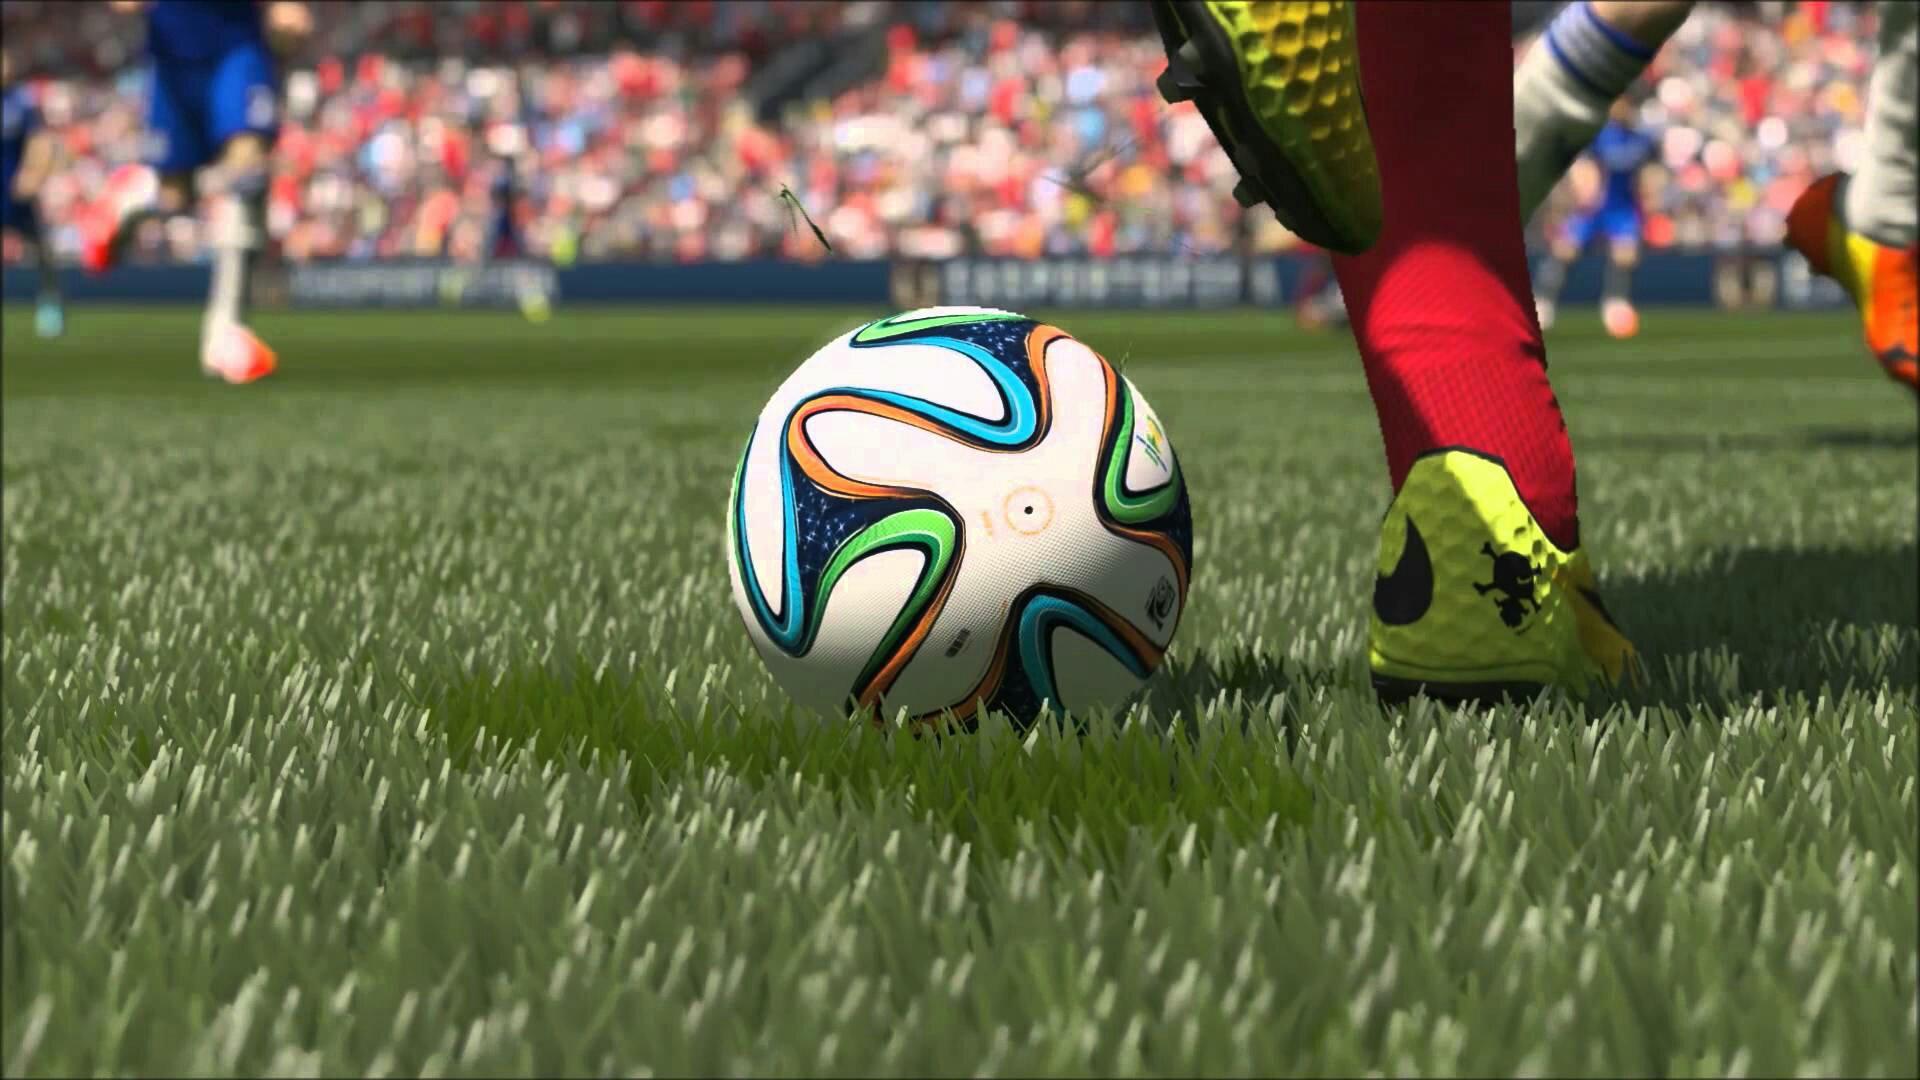 Fifa 18: Los mejores jugadores del puedto 81 al 100